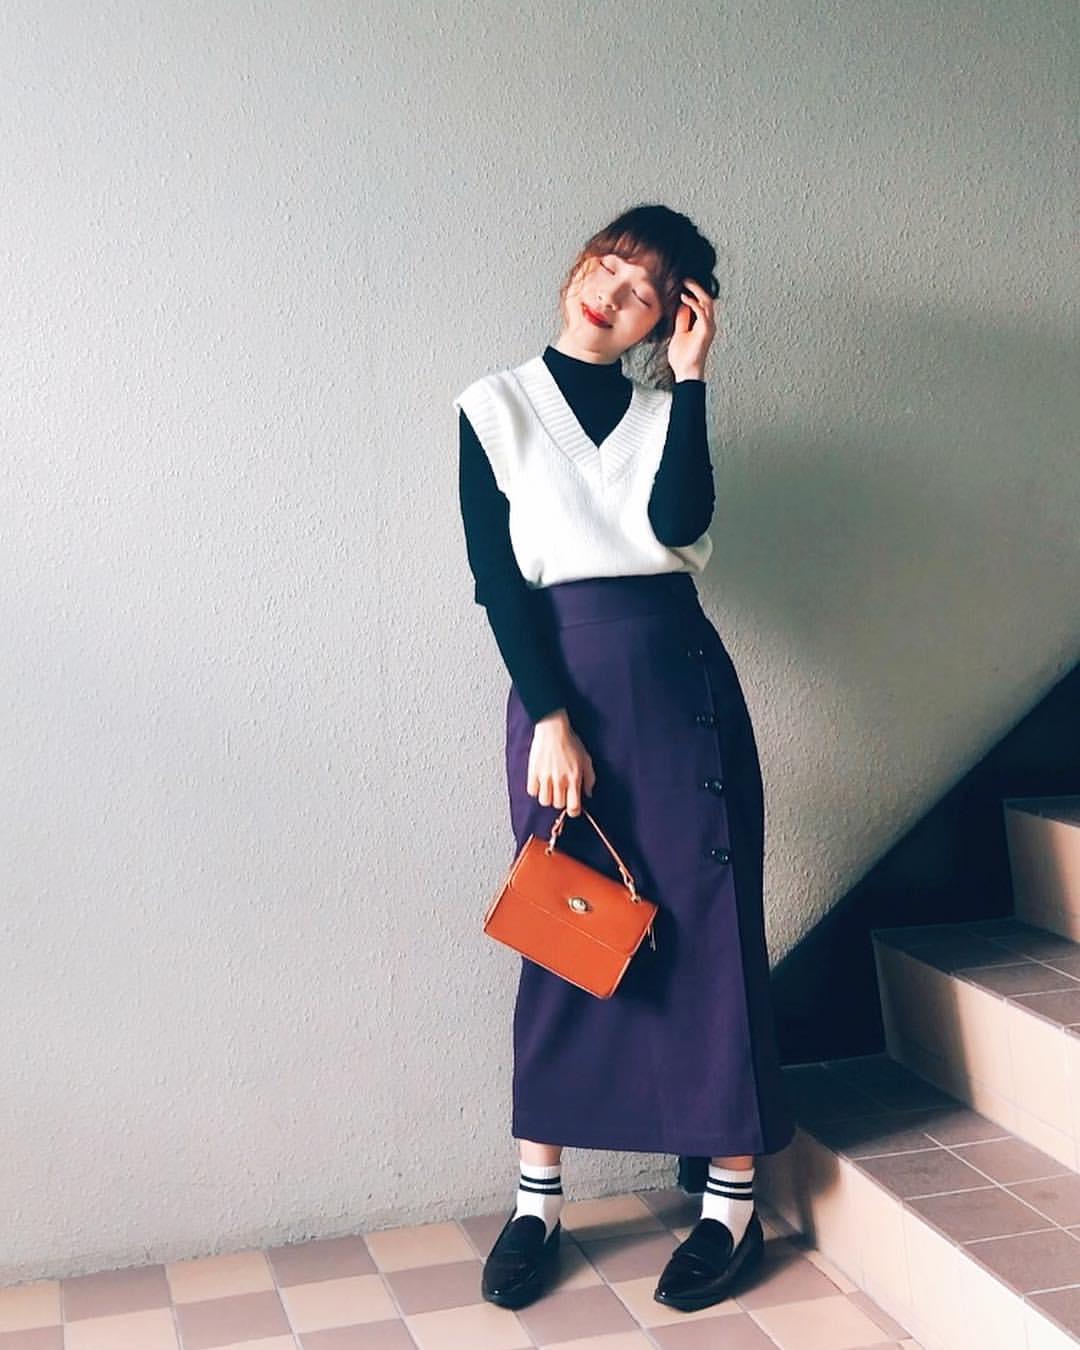 最高気温8度・最低気温1度 natsu_outfitsの服装